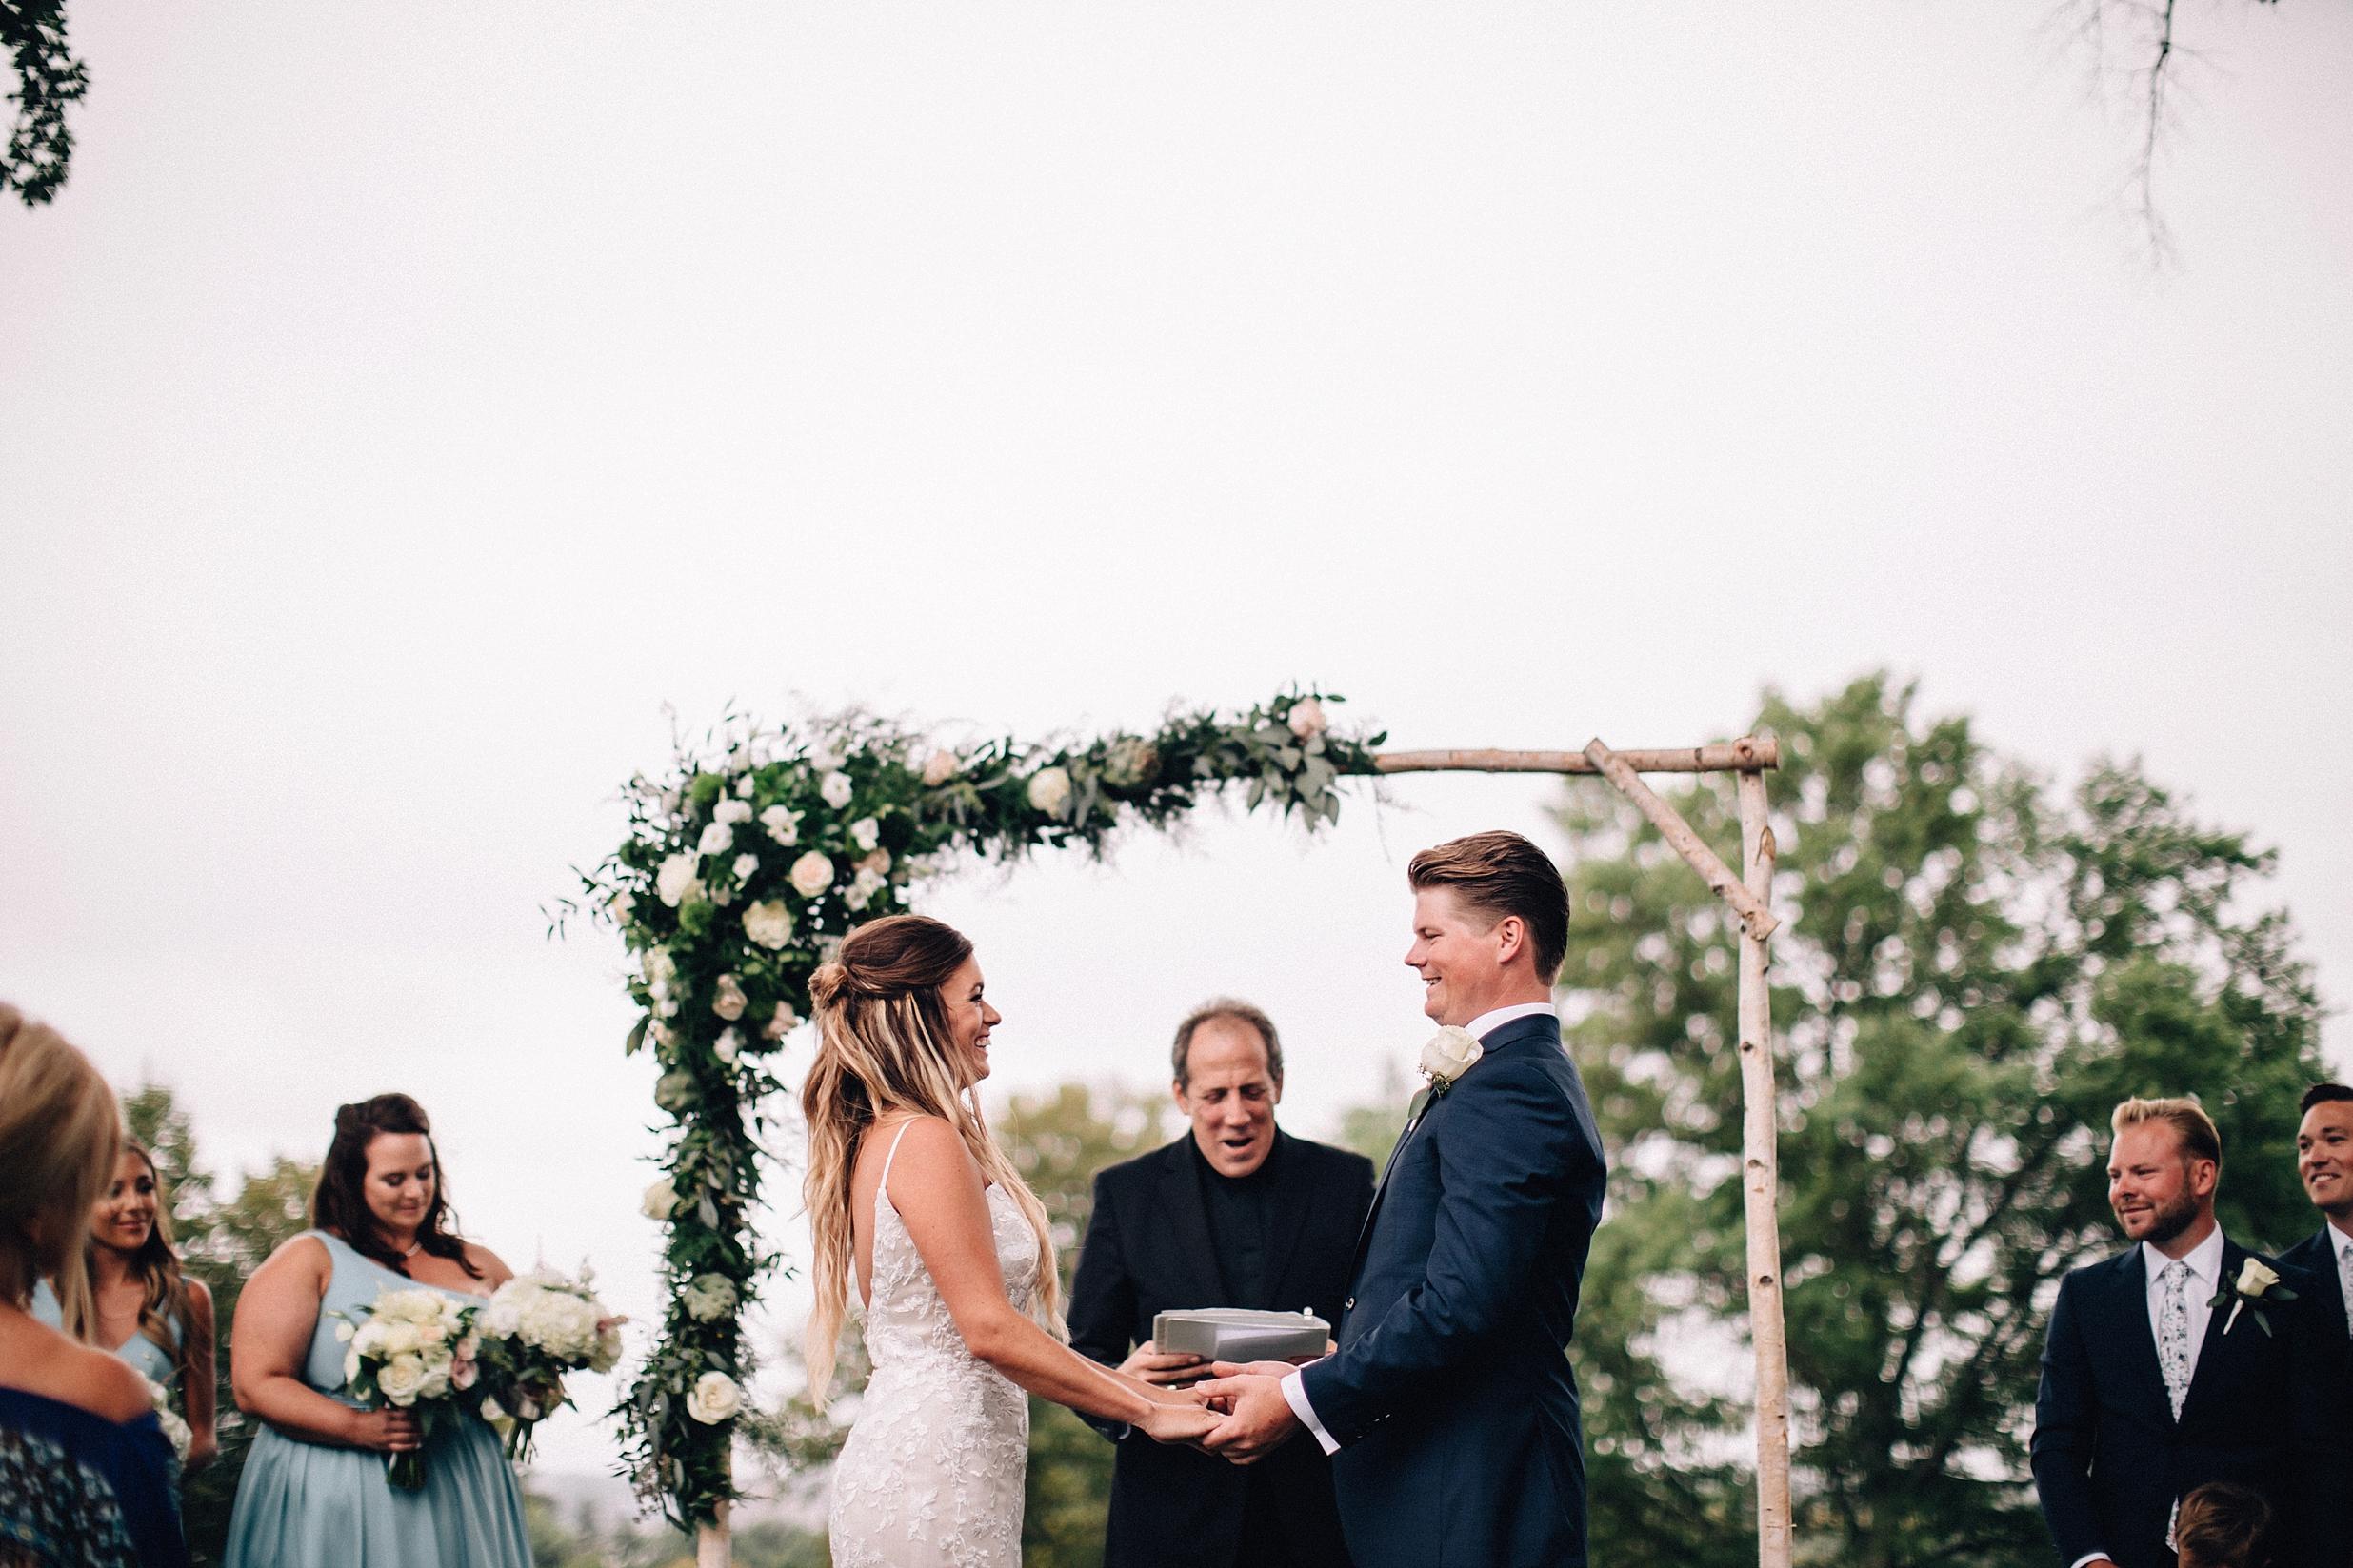 jersey-outdoor-ceremony-wedding-navasink-monmouth-rumson_0044.jpg